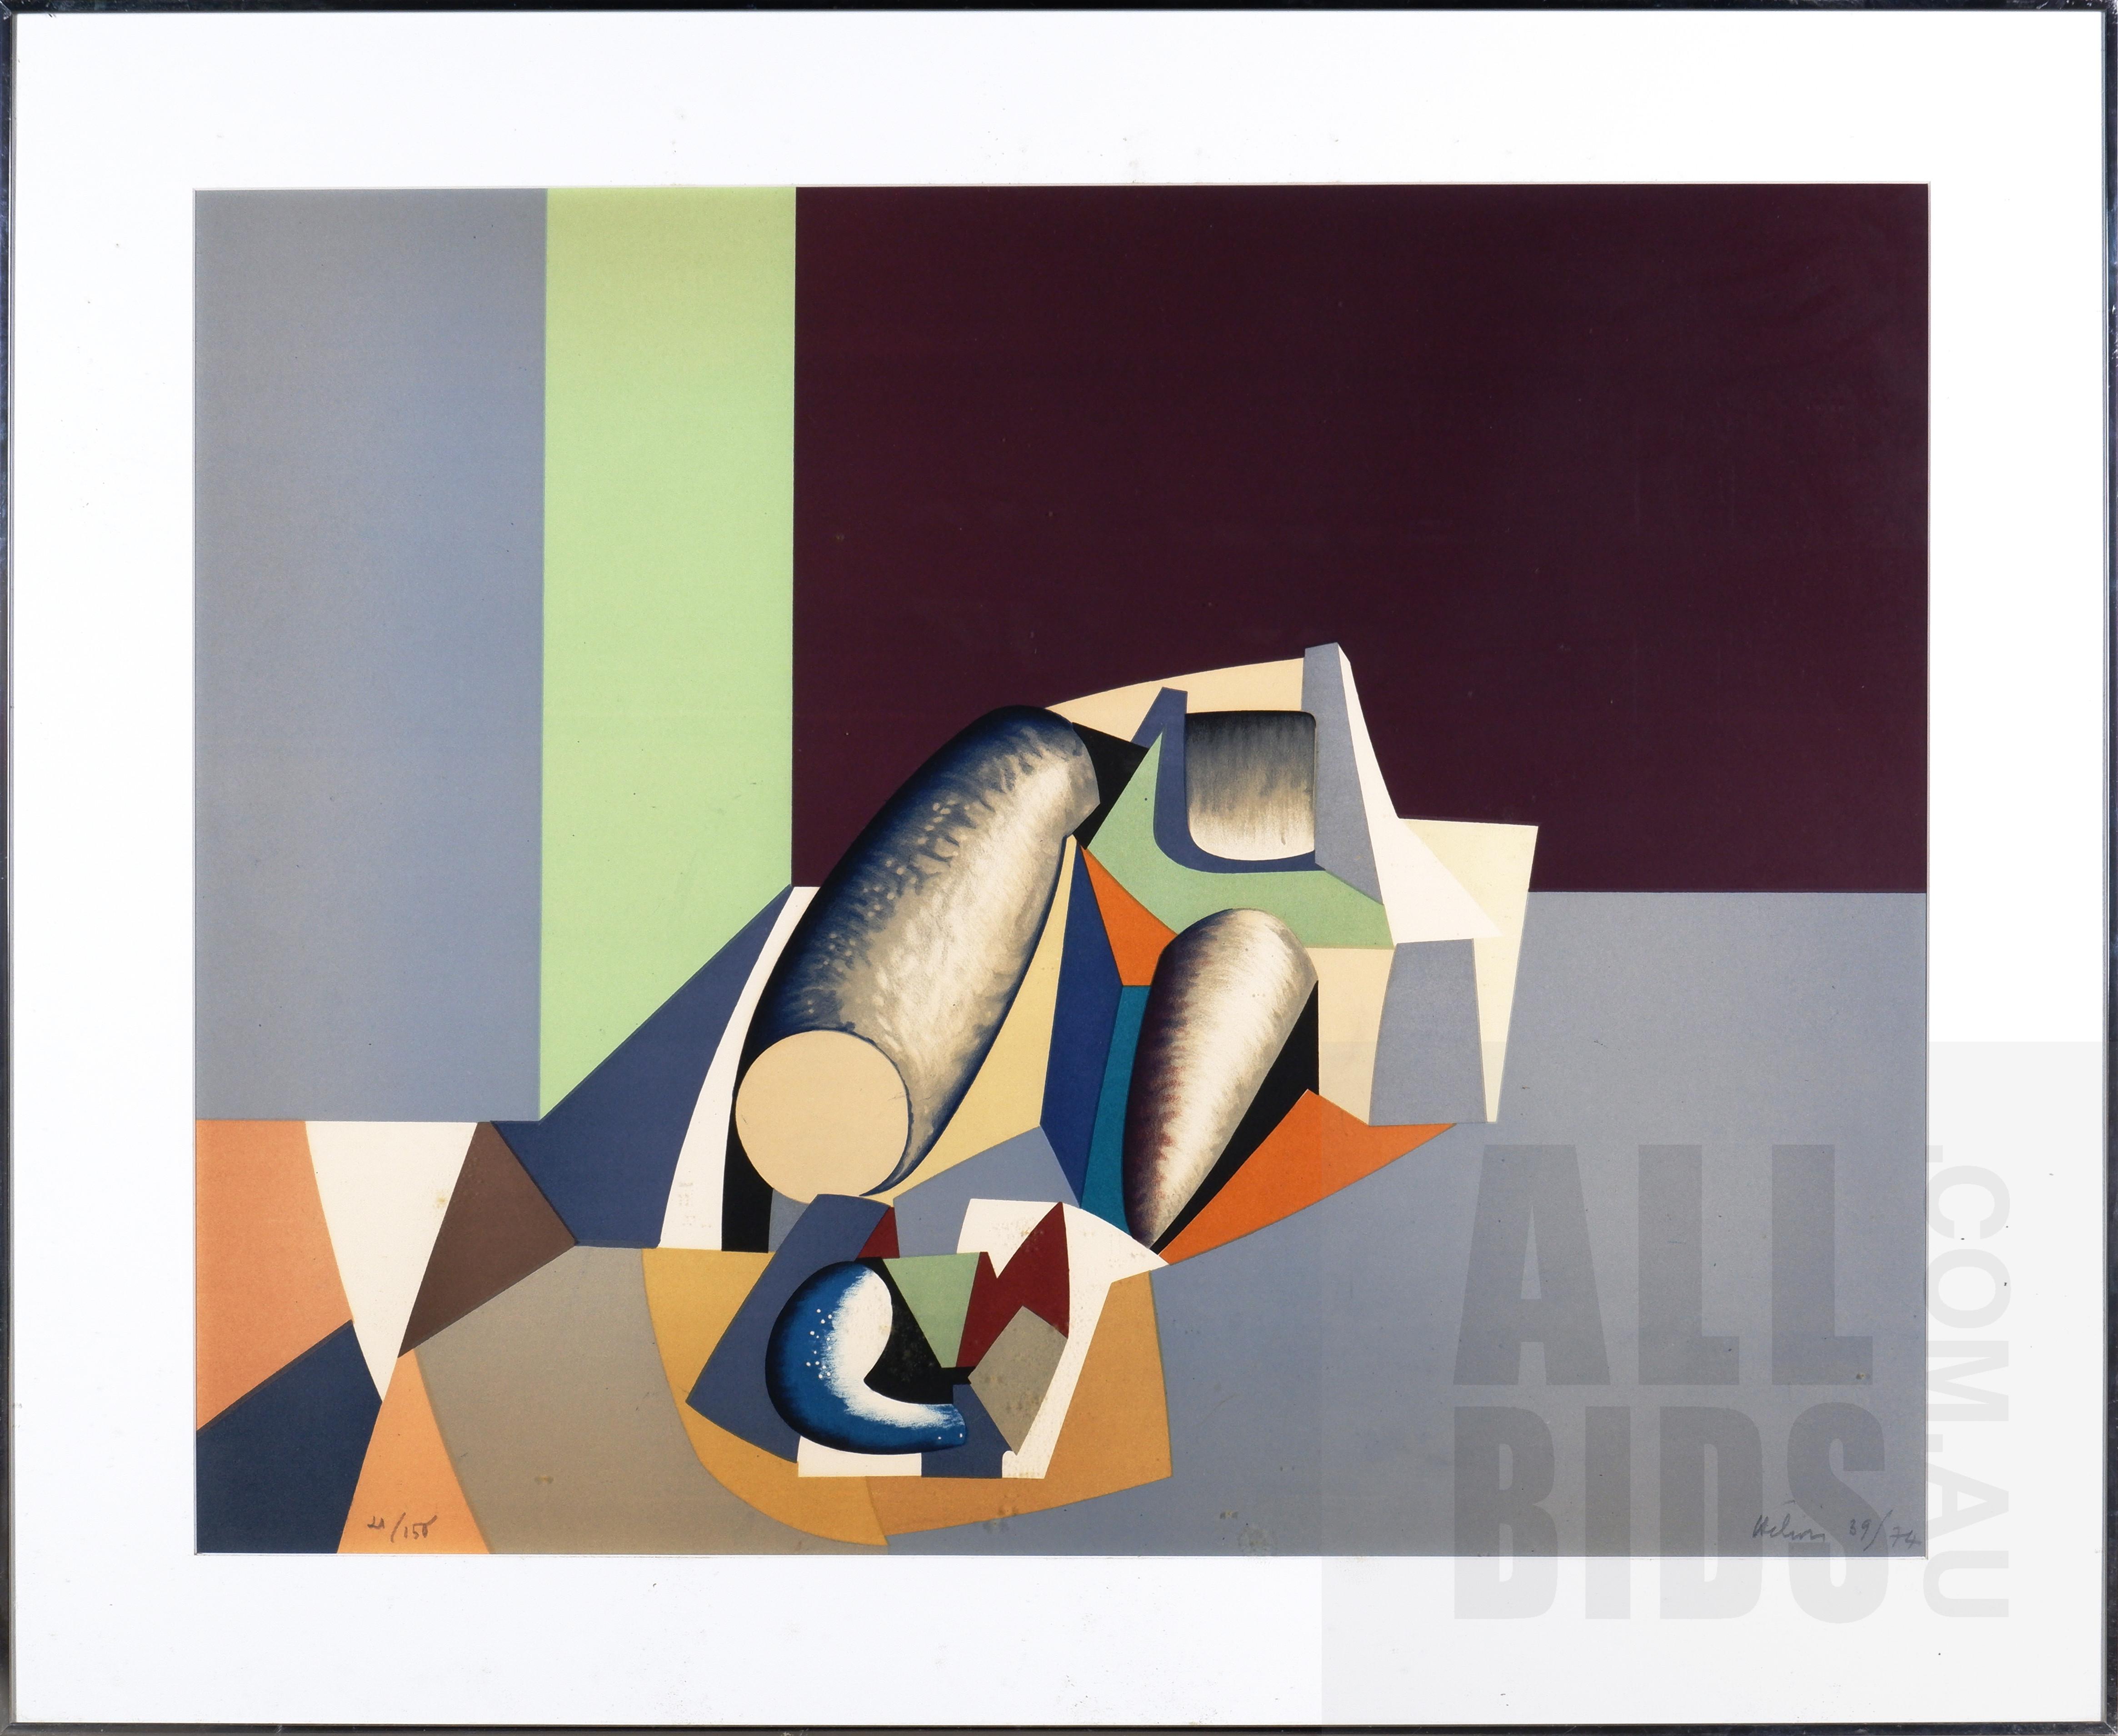 'Jean Helion (1904-1987, French), Composition Fond Gris et Noir 1974, Lithograph, 66 x 83 cm (image size)'